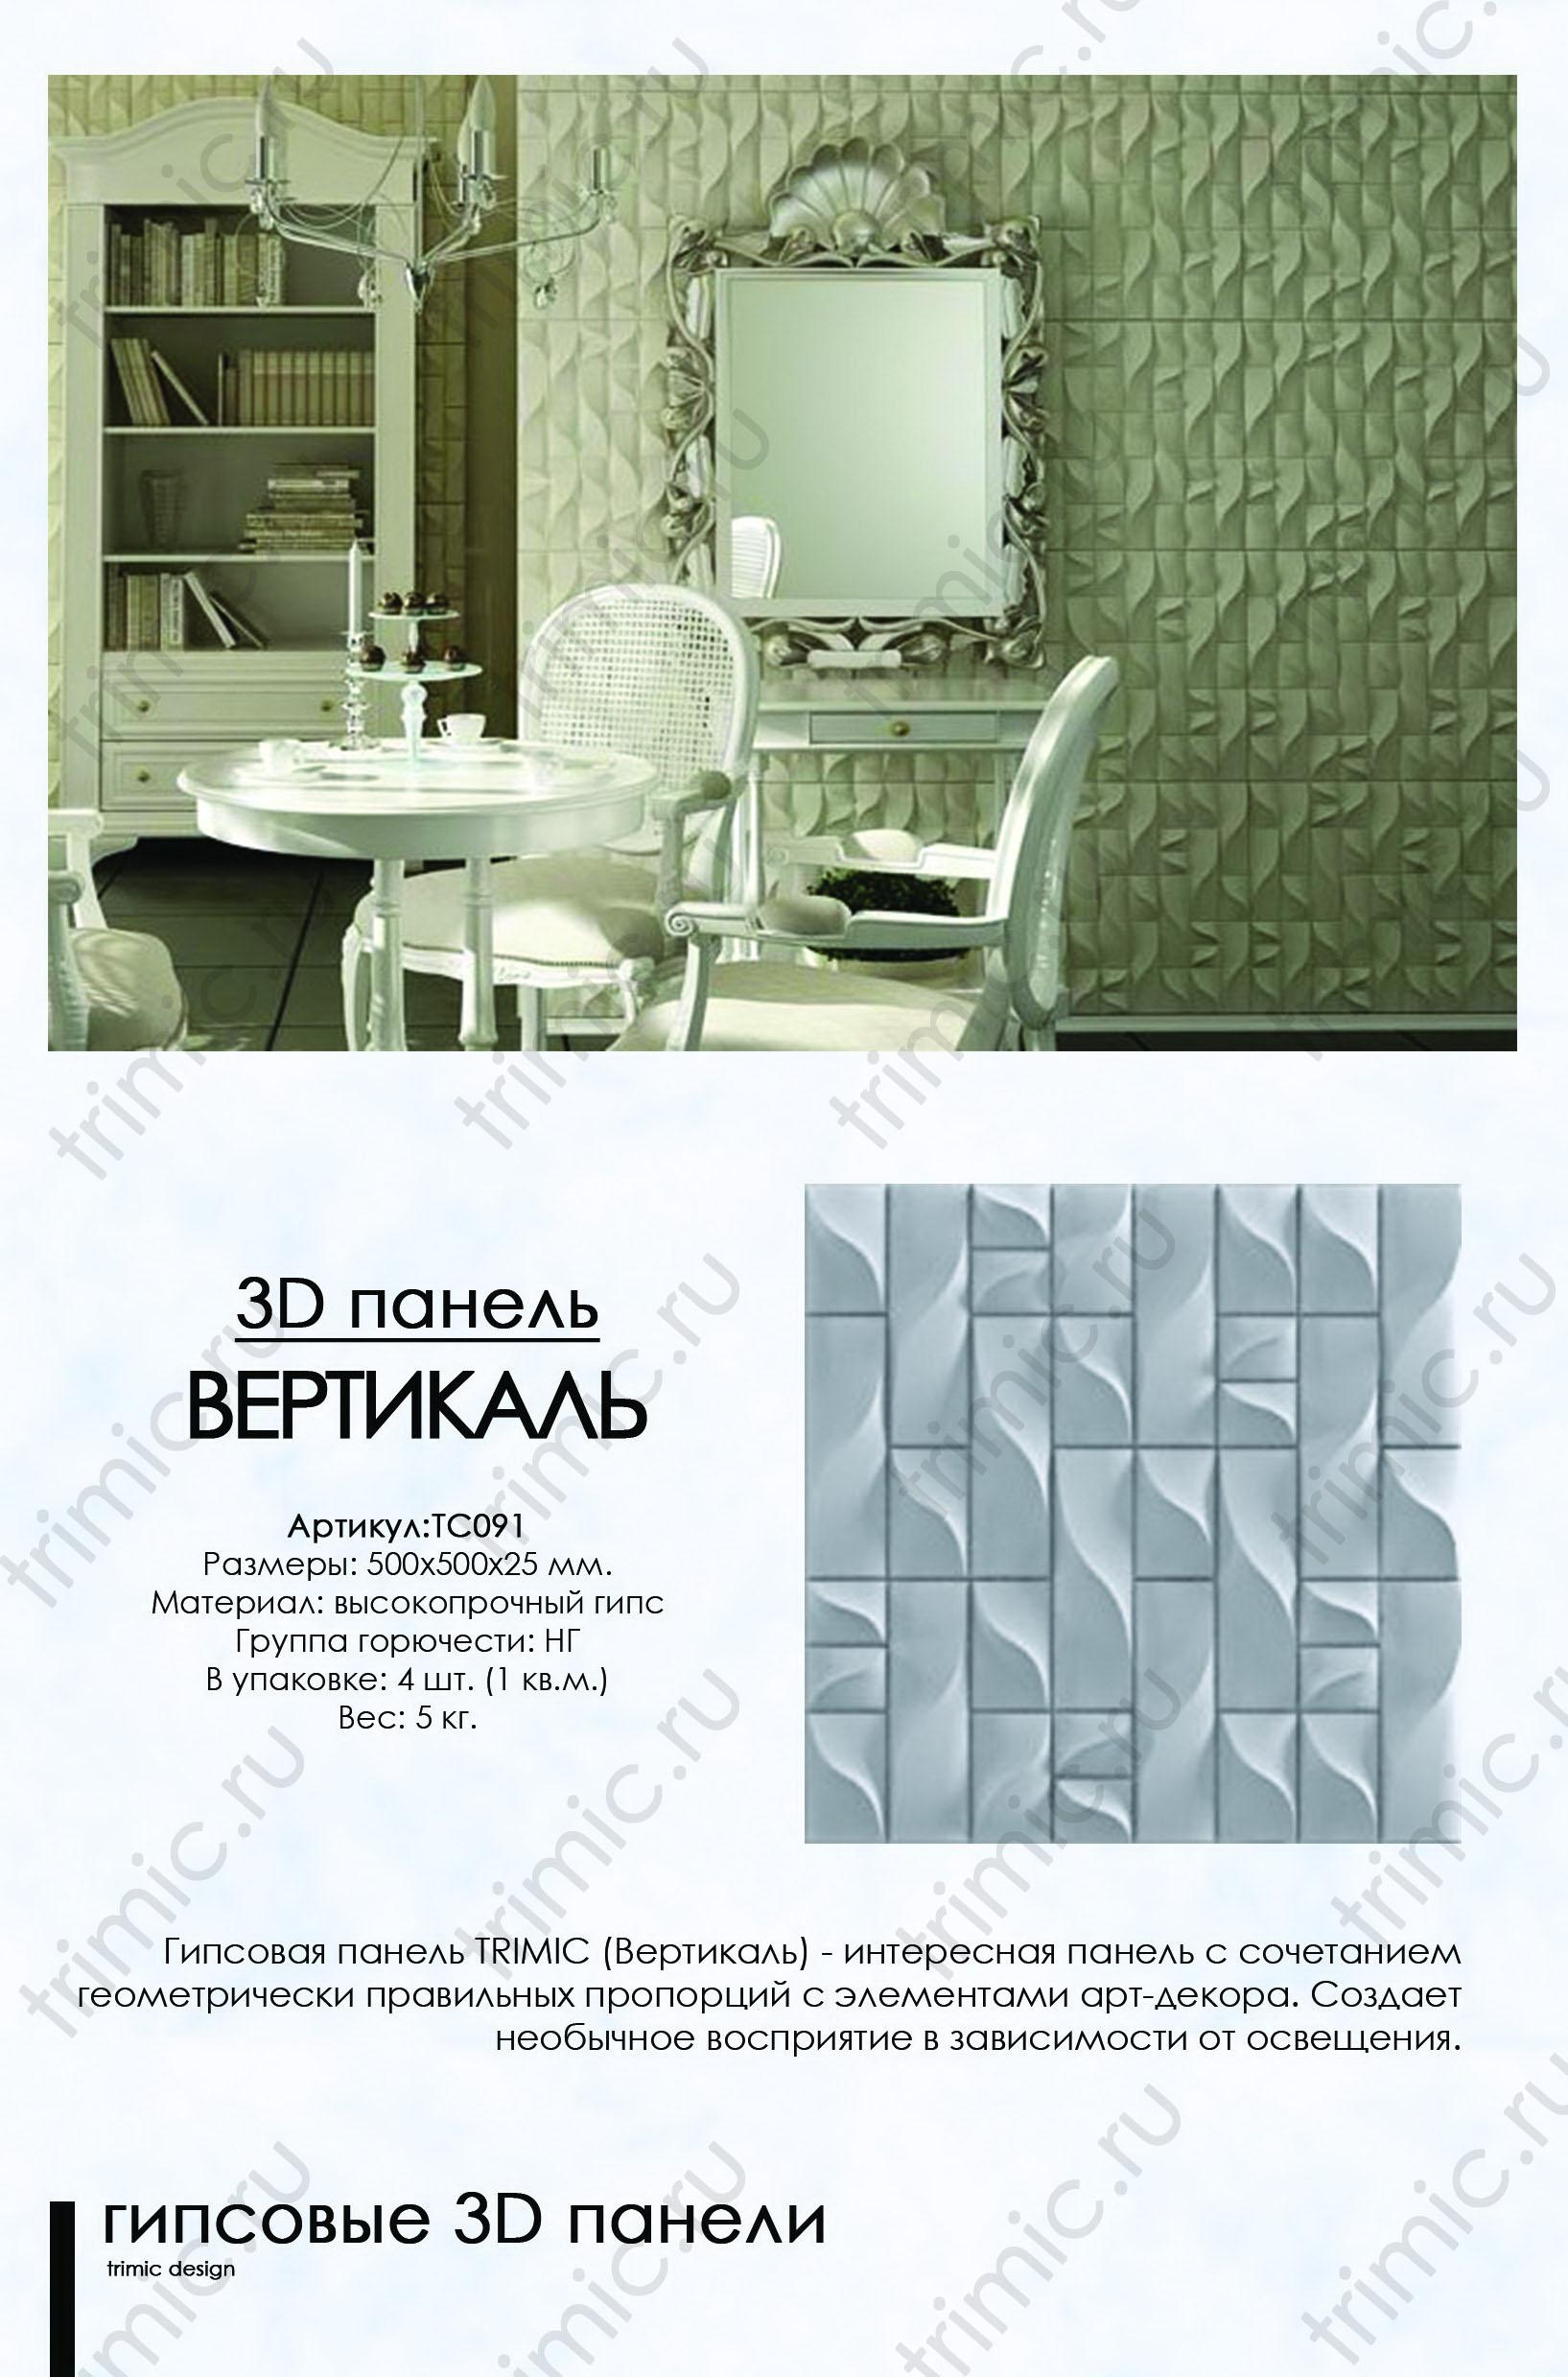 """Фотографии 3D панелей """"Вертикаль"""" в интерьере"""